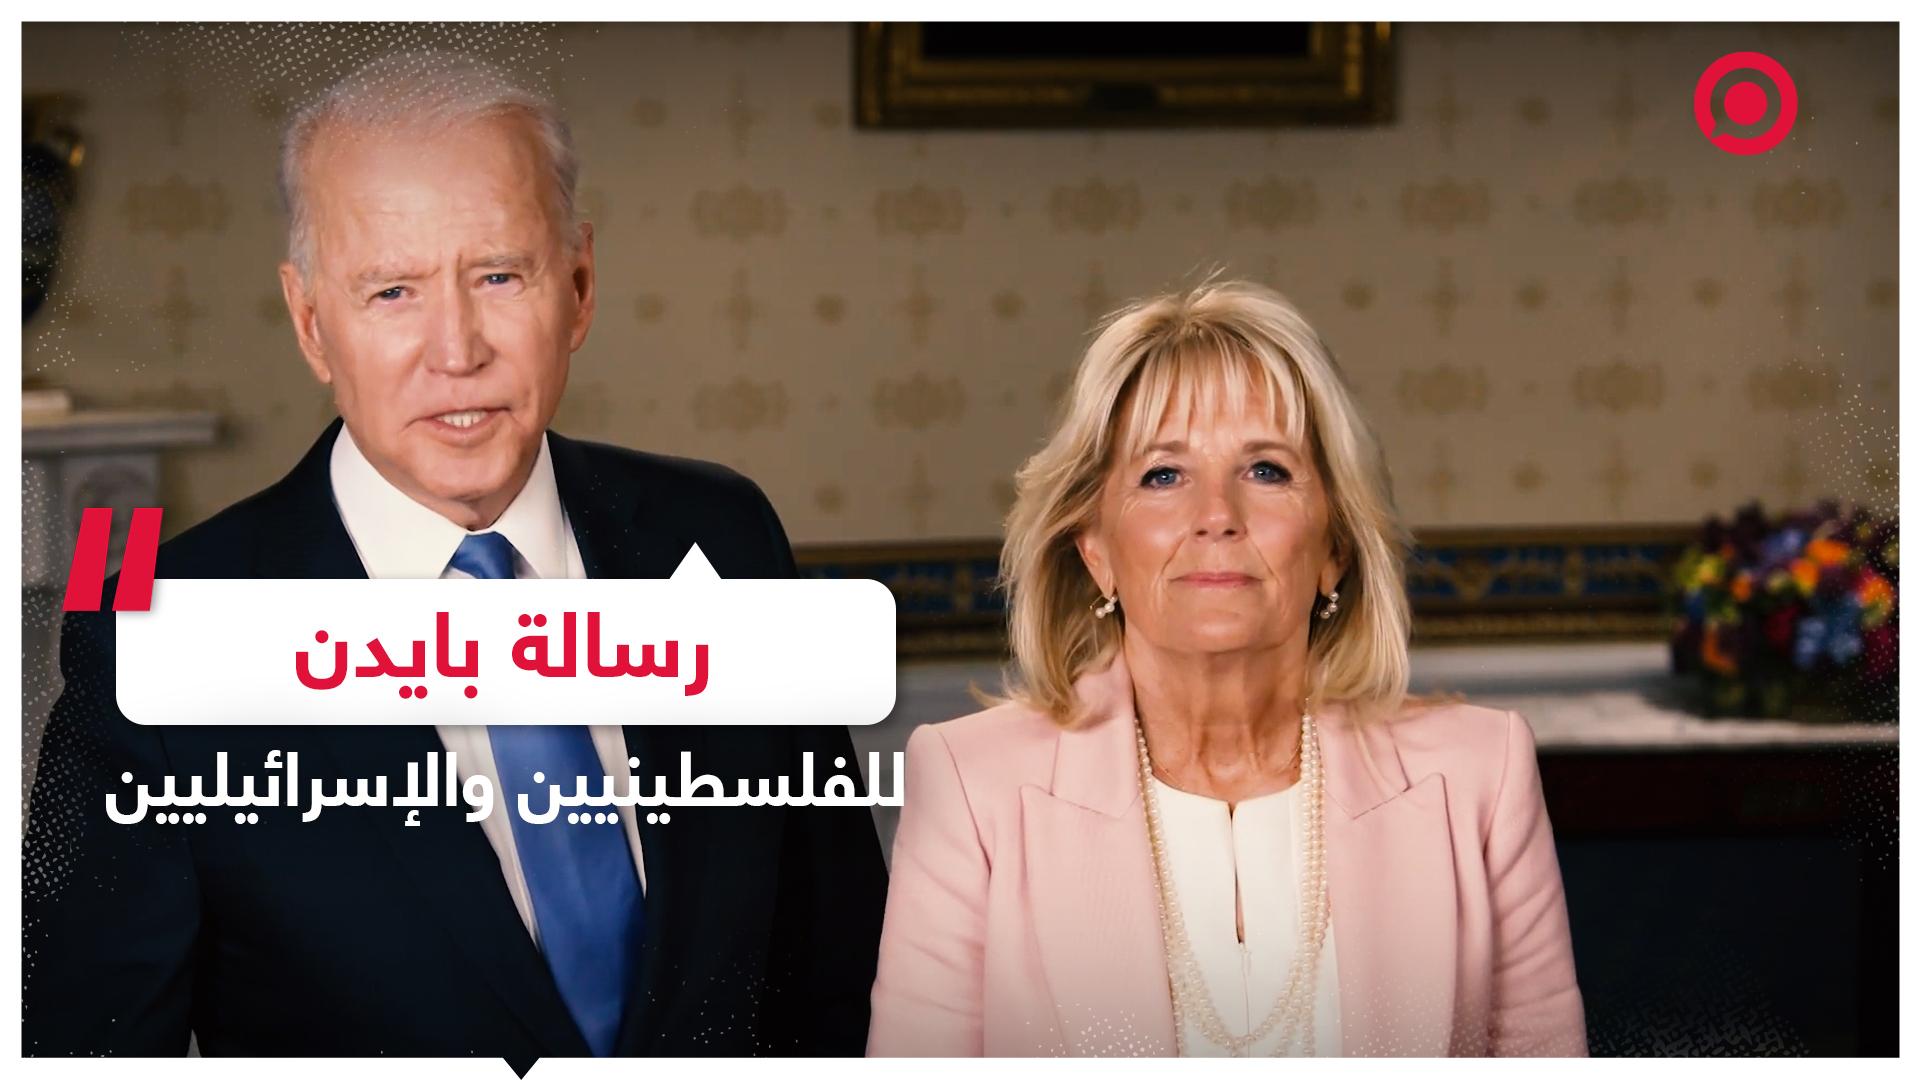 تهنئة بايدن للمسلمين ورسالته للفلسطينيين والإسرائيليين